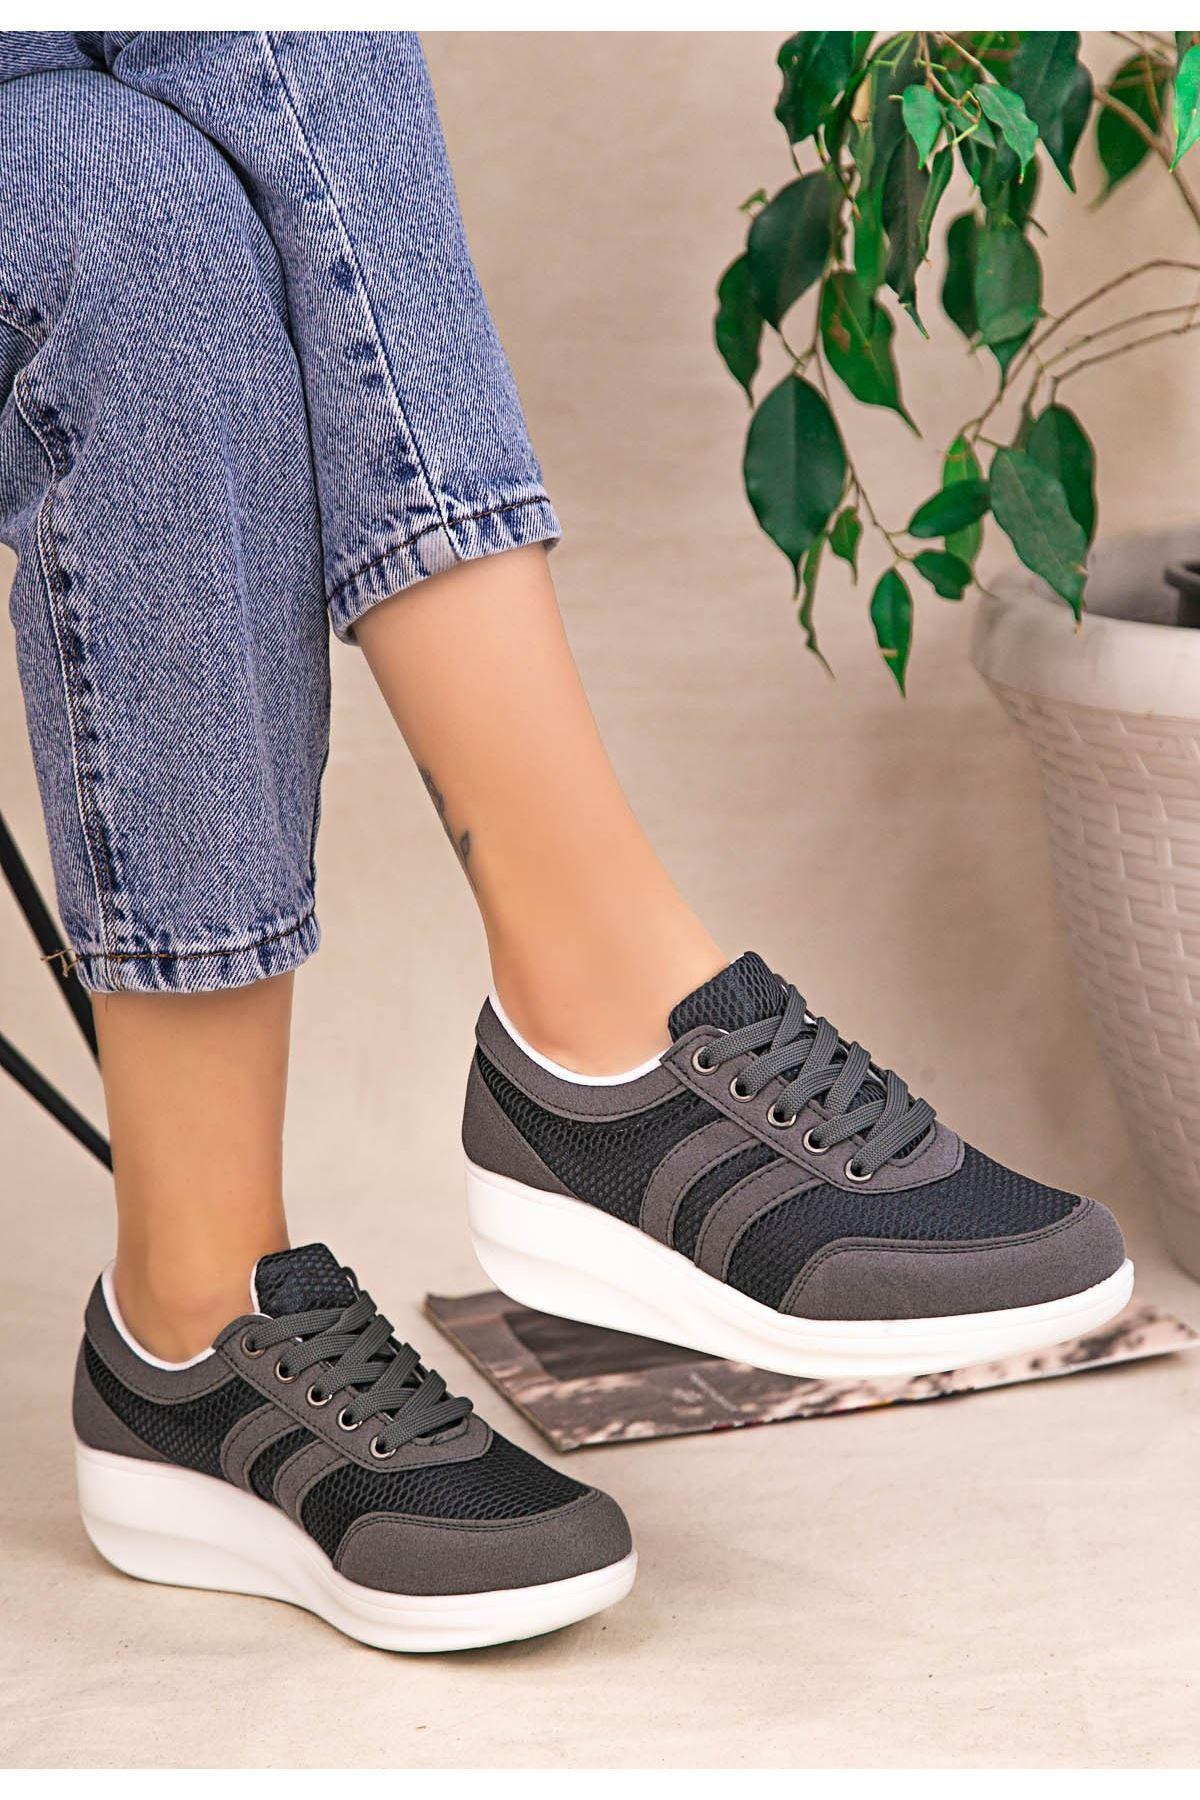 Tinos Gri Nubuk Bağcıklı Spor Ayakkabı